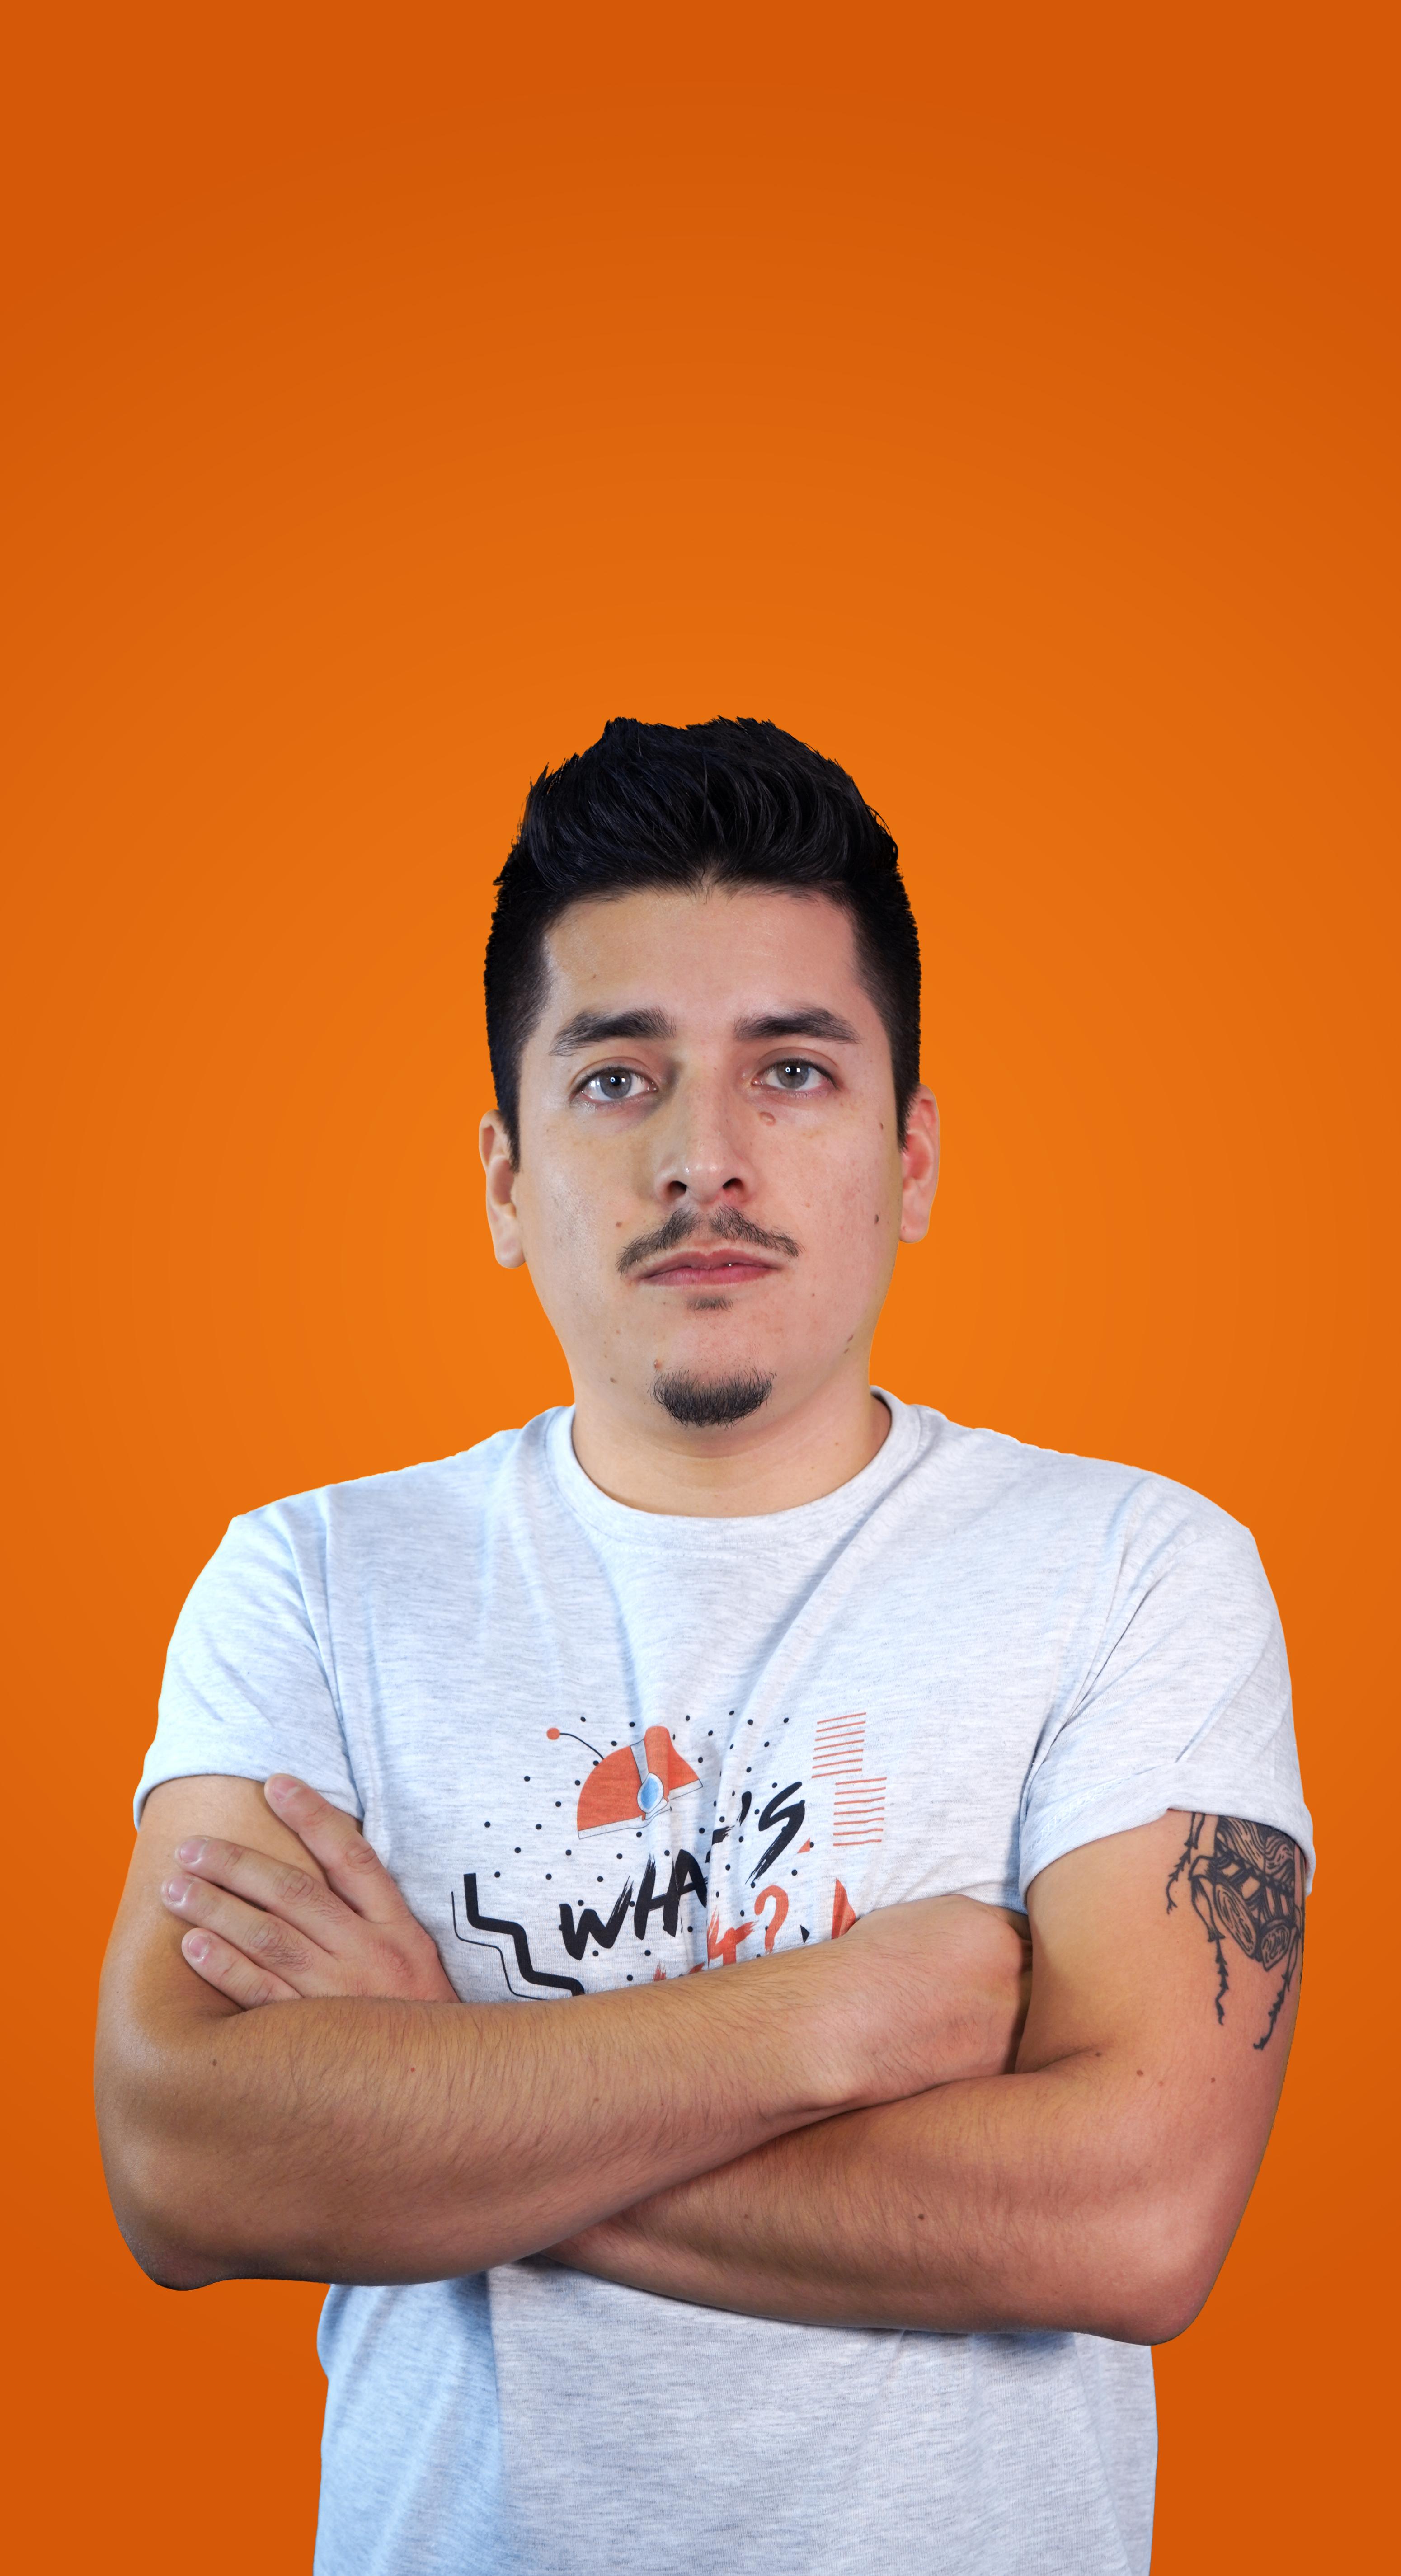 Raul_1_v2